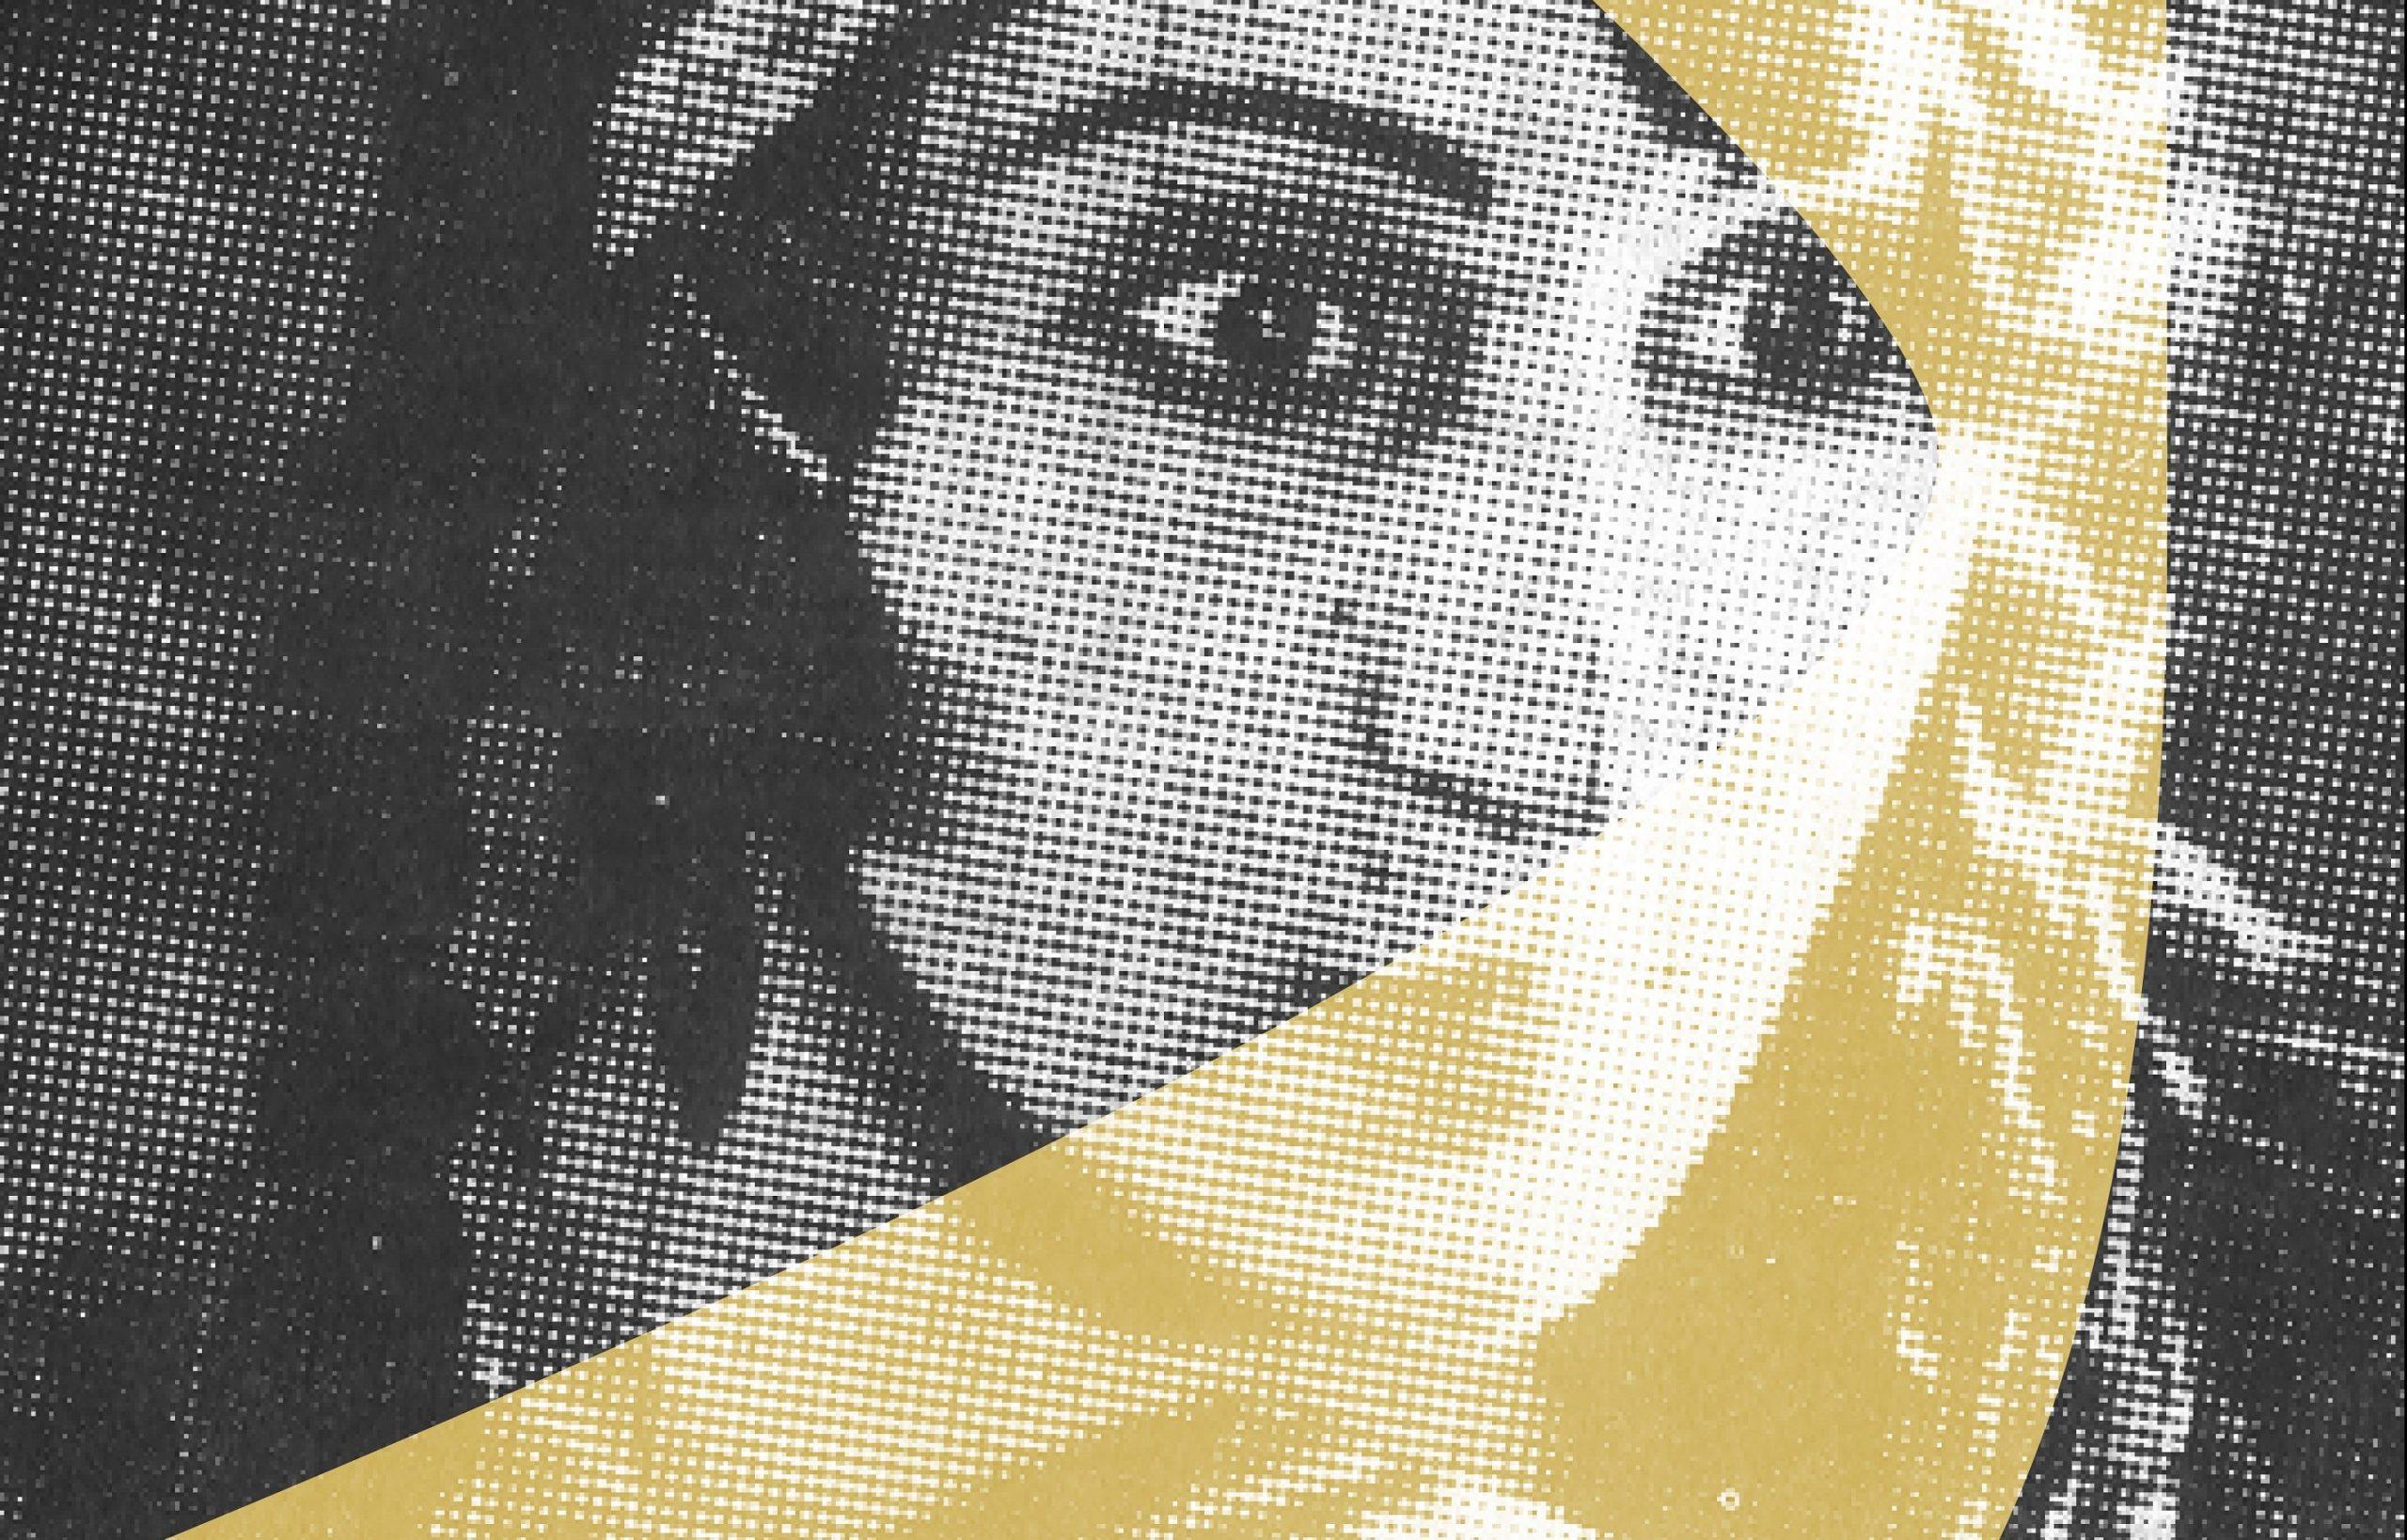 Rokhdad-e Tazeh Documentary 37: Mohammad Tahami Nejad